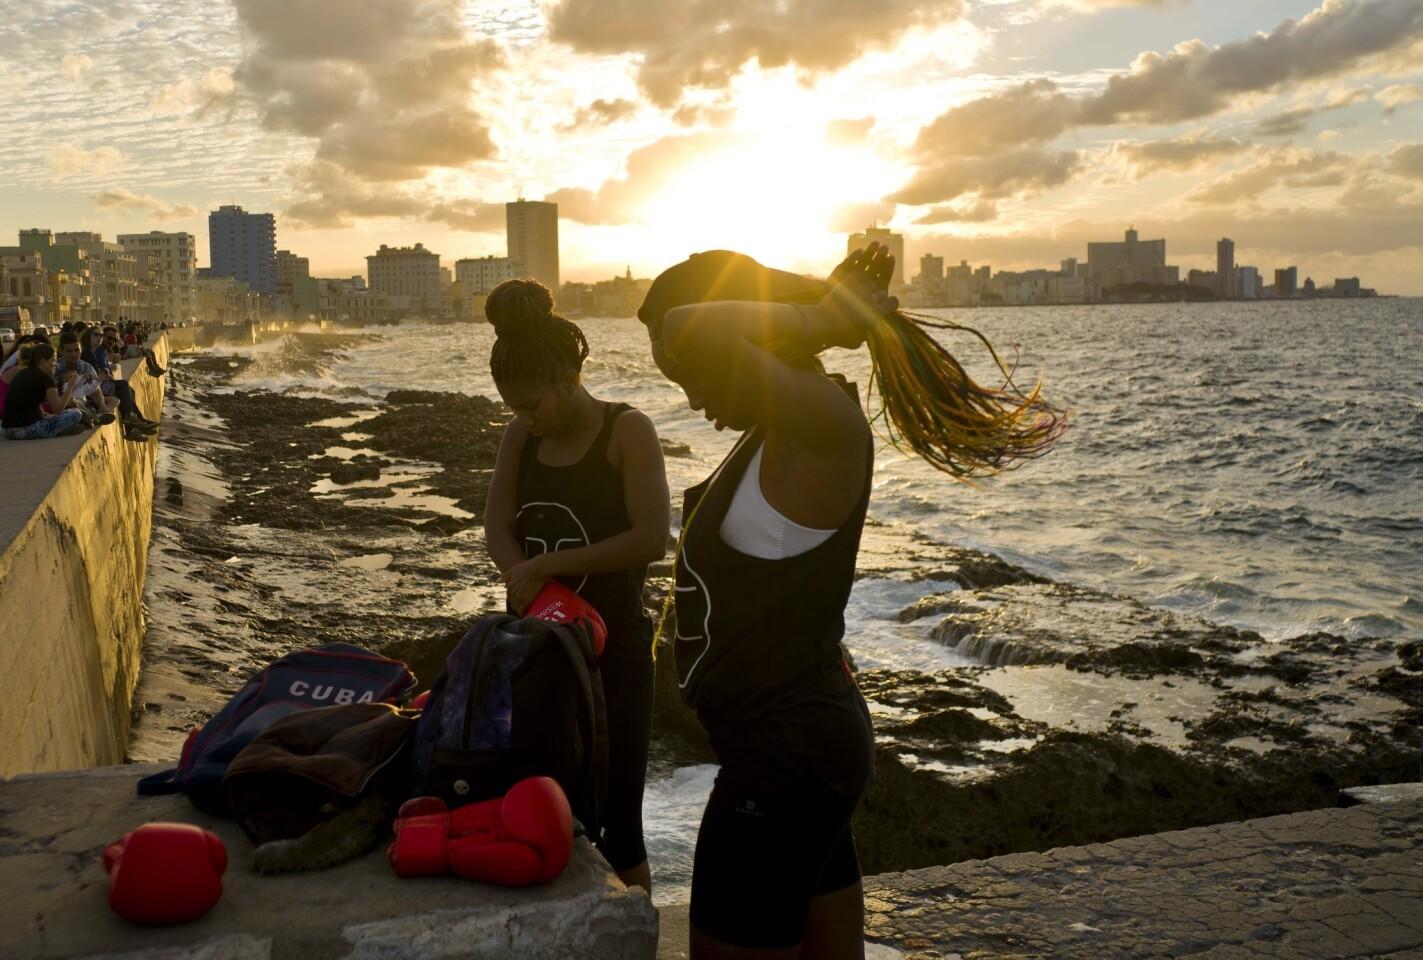 Las boxeadoras Idamerys Moreno (i) y Legnis Cala se preparan para una sesión de fotos en el Malecón de La Habana, en Cuba. Moreno entrena al menos dos horas al día después de salir de su trabajo; pelea tanto con hombres como con mujeres.